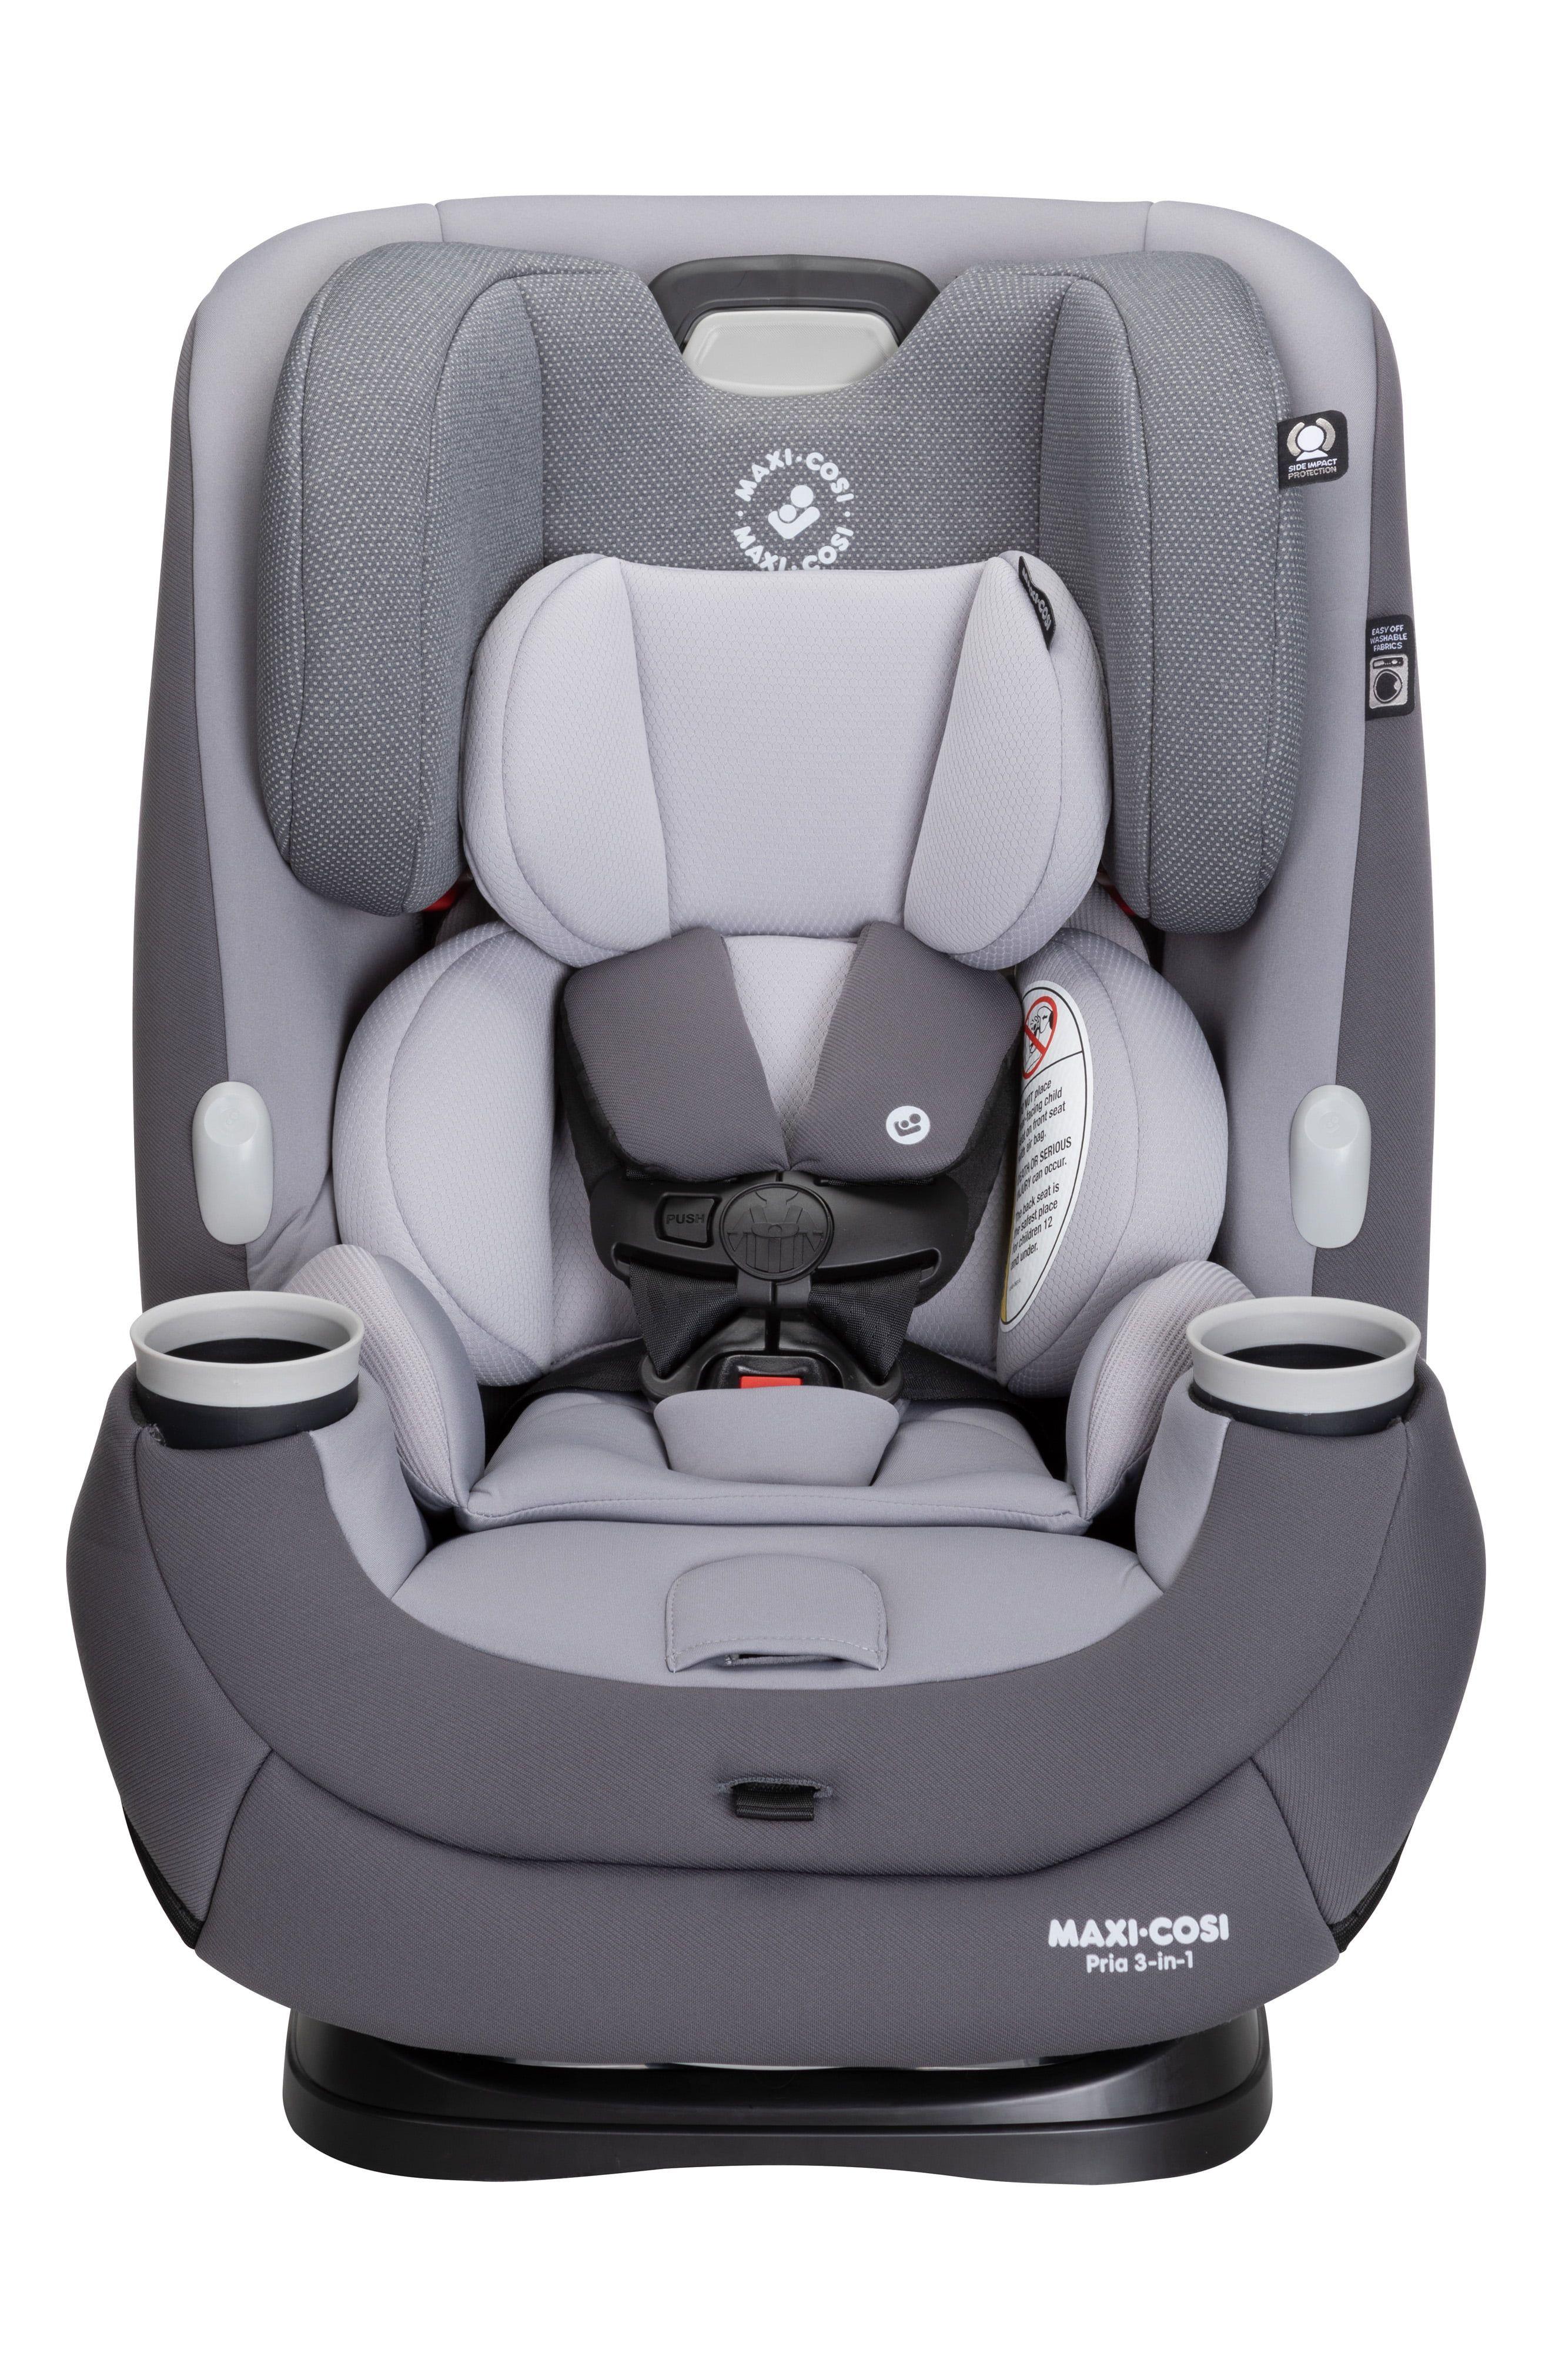 cd8aa866fc86ae0253b8d0f06b7500b9 - How To Get Cover Off Maxi Cosi Car Seat